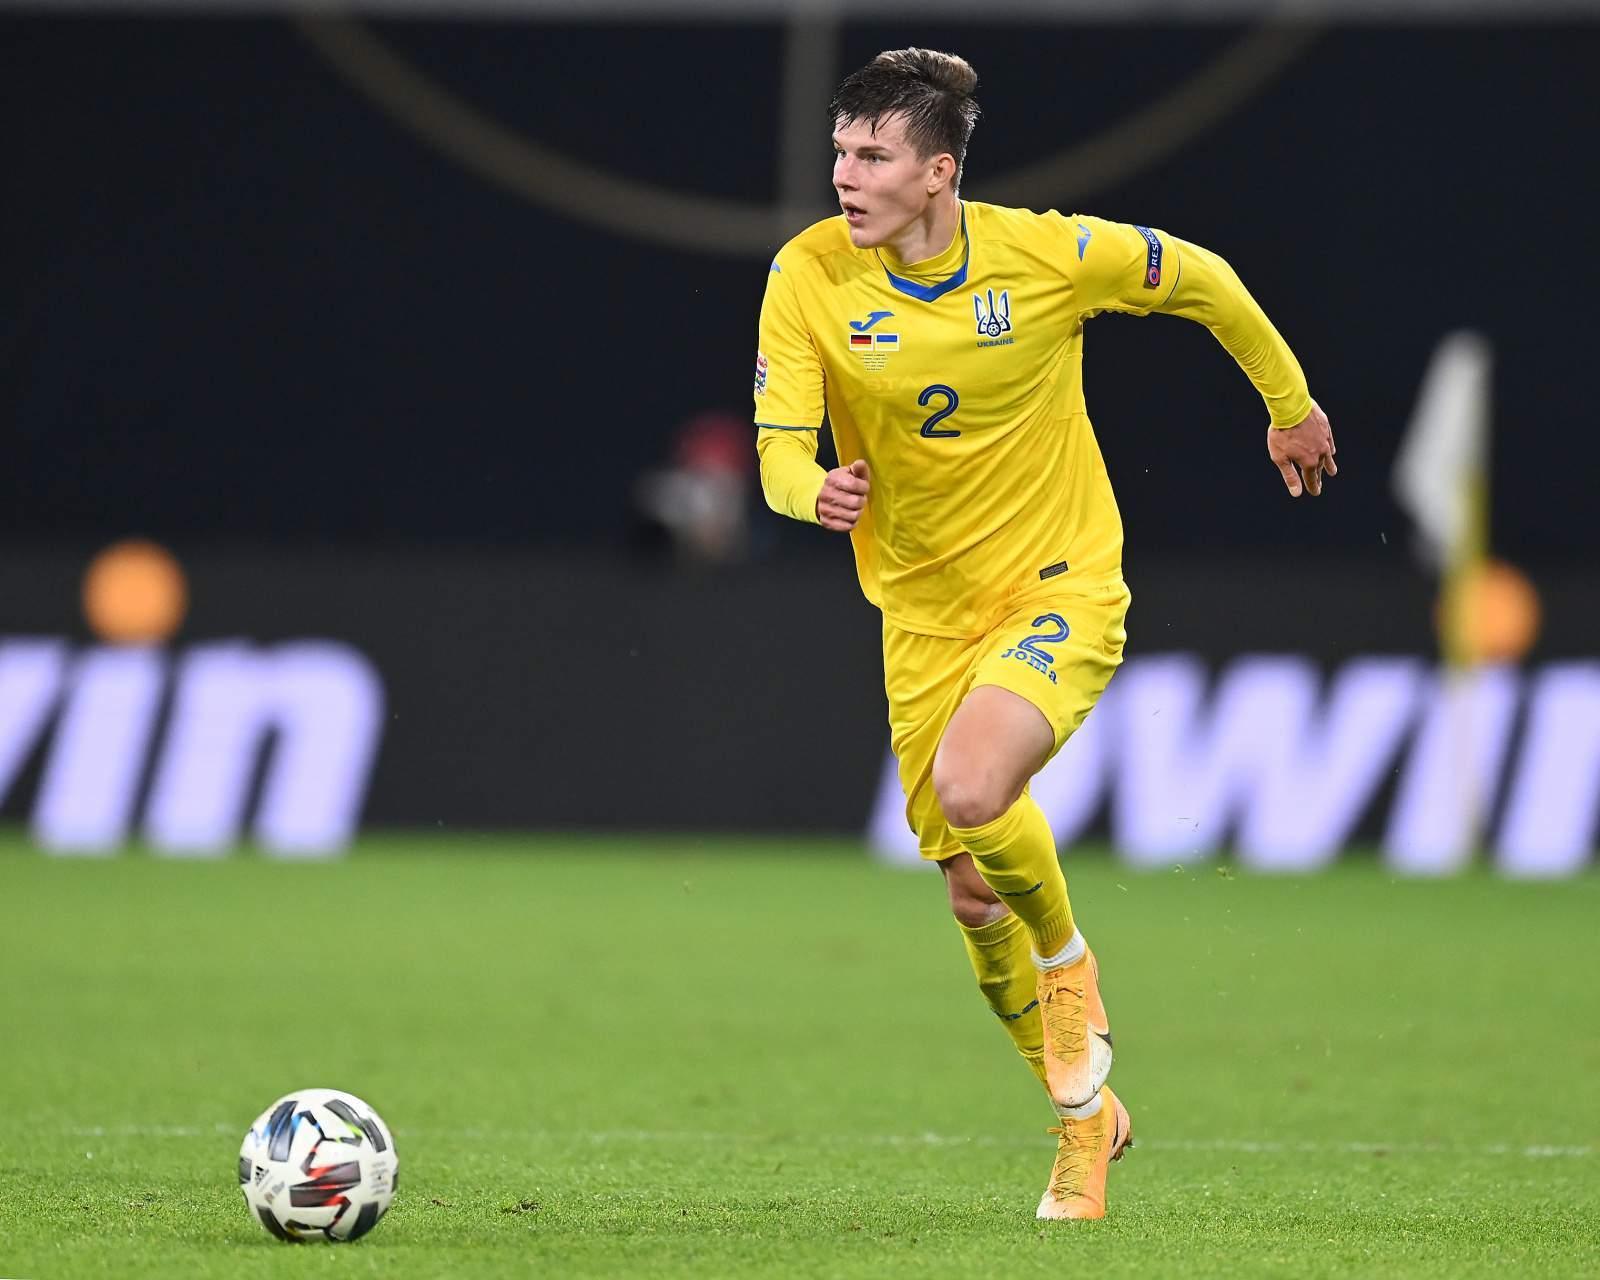 Соболь считает, что Пятов и Ярмоленко могут помочь вернуть Малиновского в сборную Украины